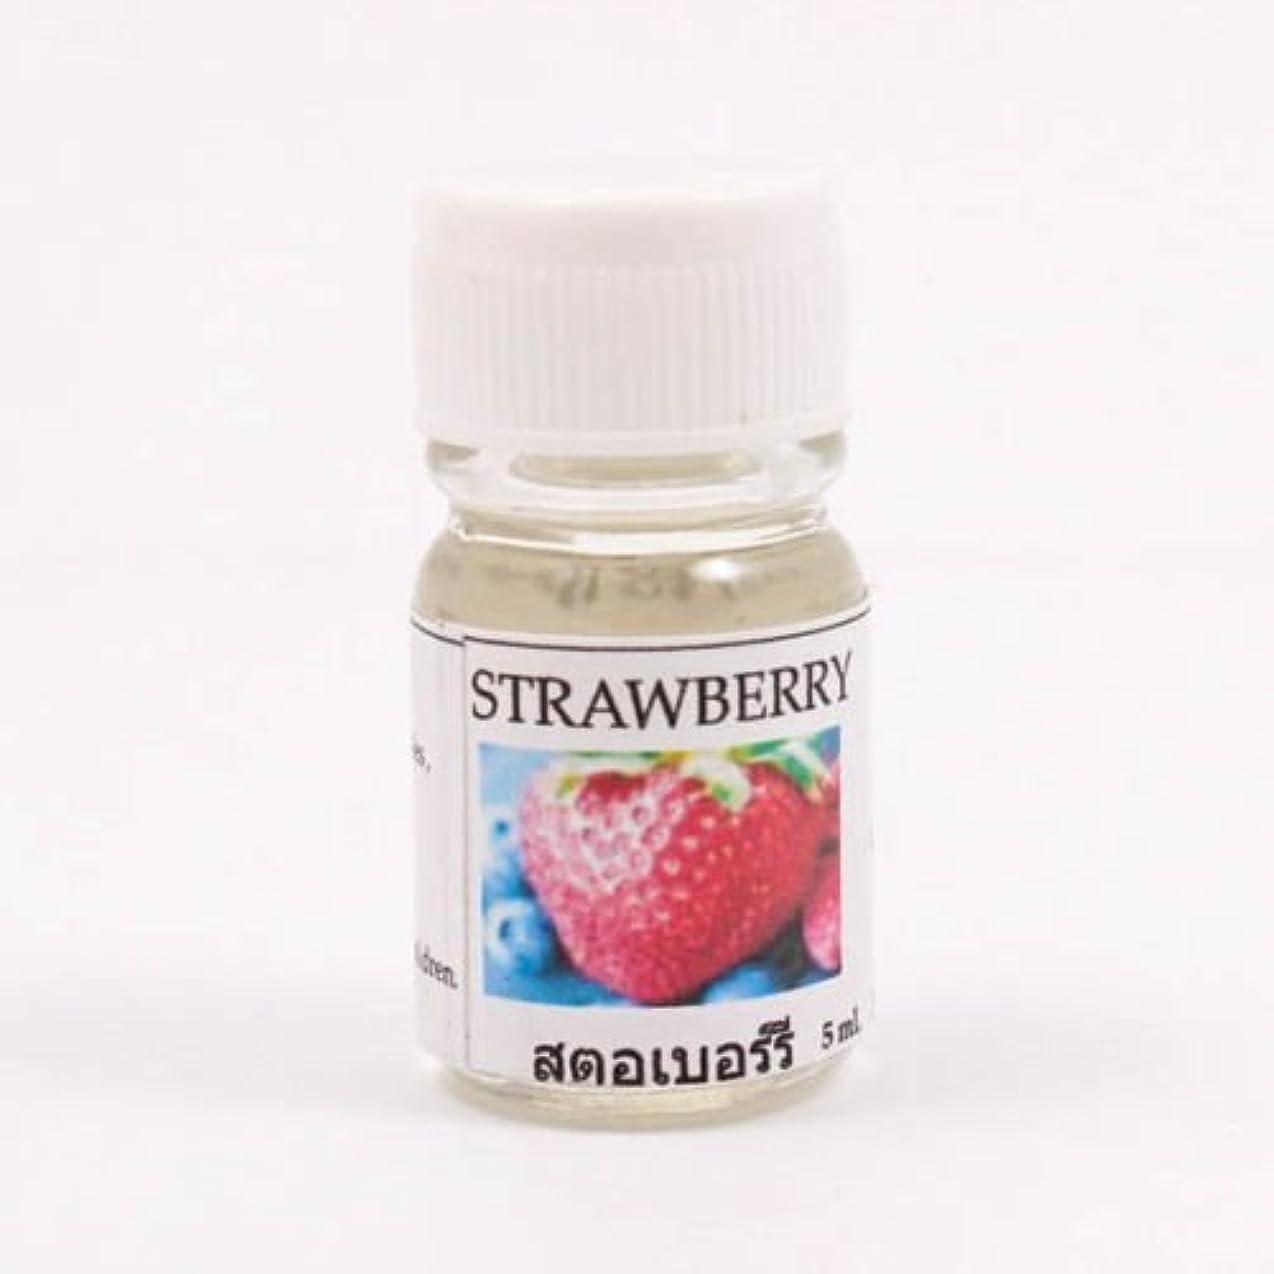 ボイラーパブひそかに6X Strawberry Aroma Fragrance Essential Oil 5ML cc Diffuser Burner Therapy